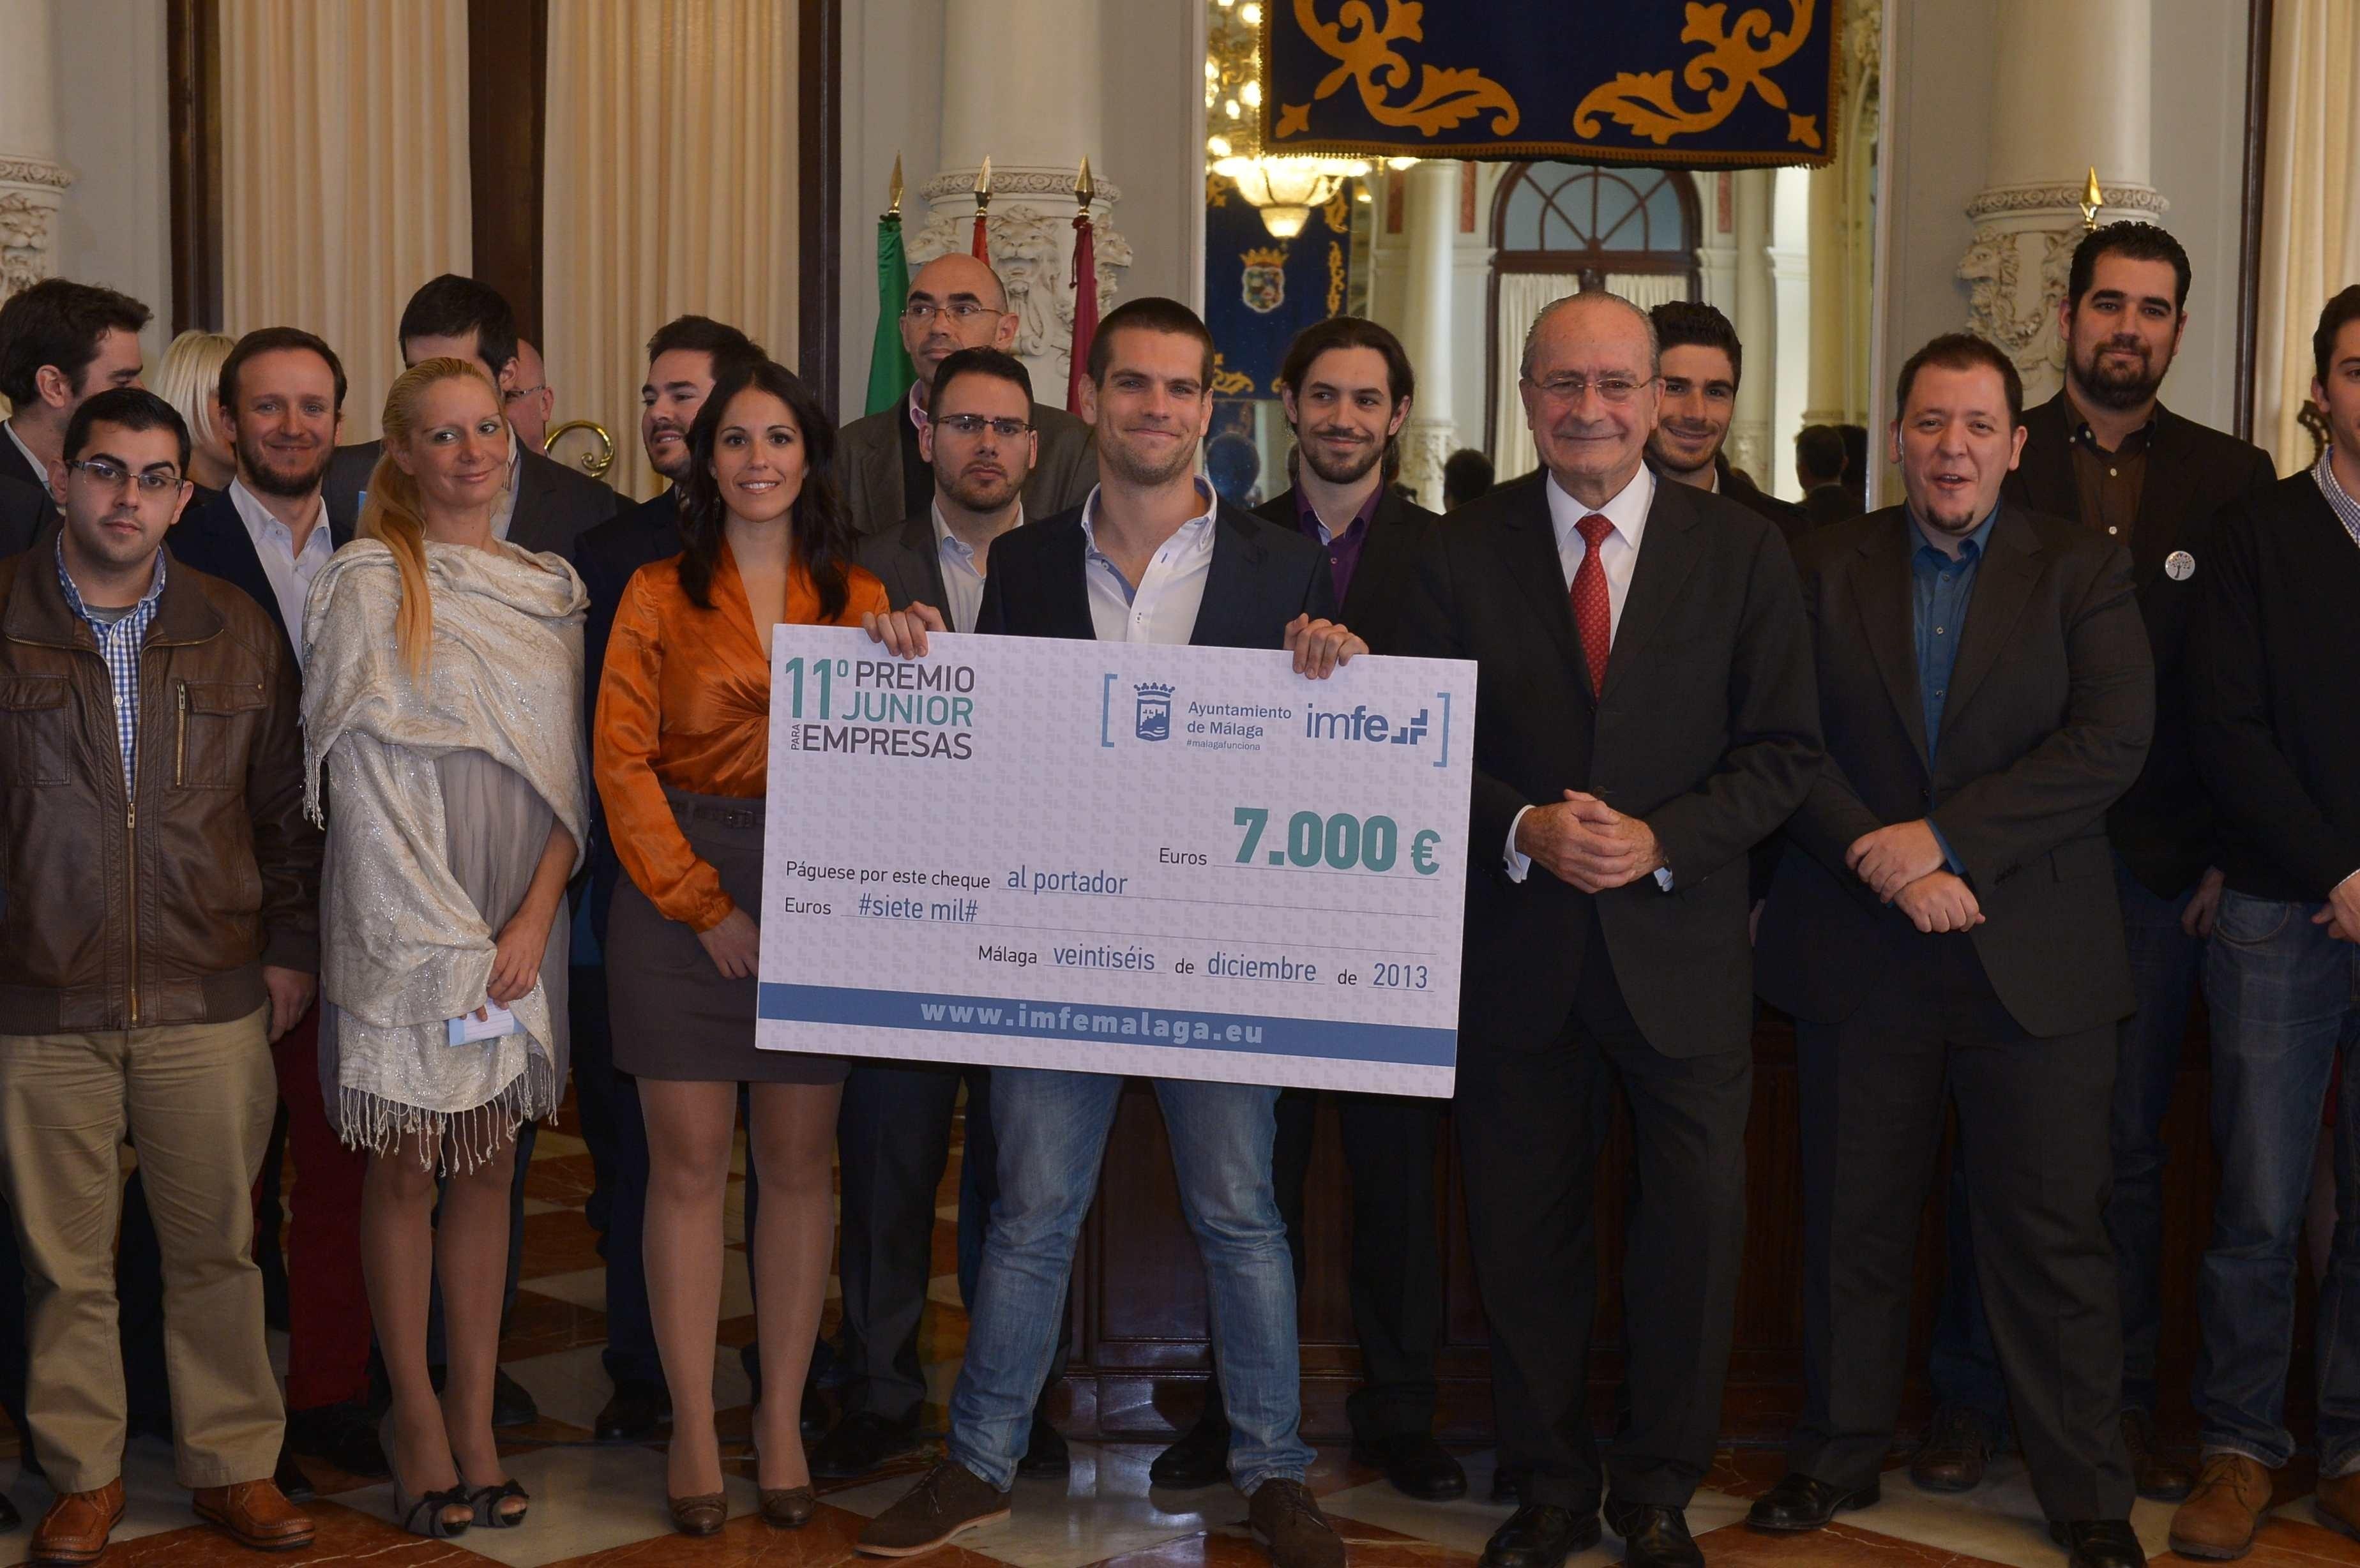 El Ayuntamiento de Málaga entrega el Premio Júnior de Empresas a la compañía textil Texere Sureño